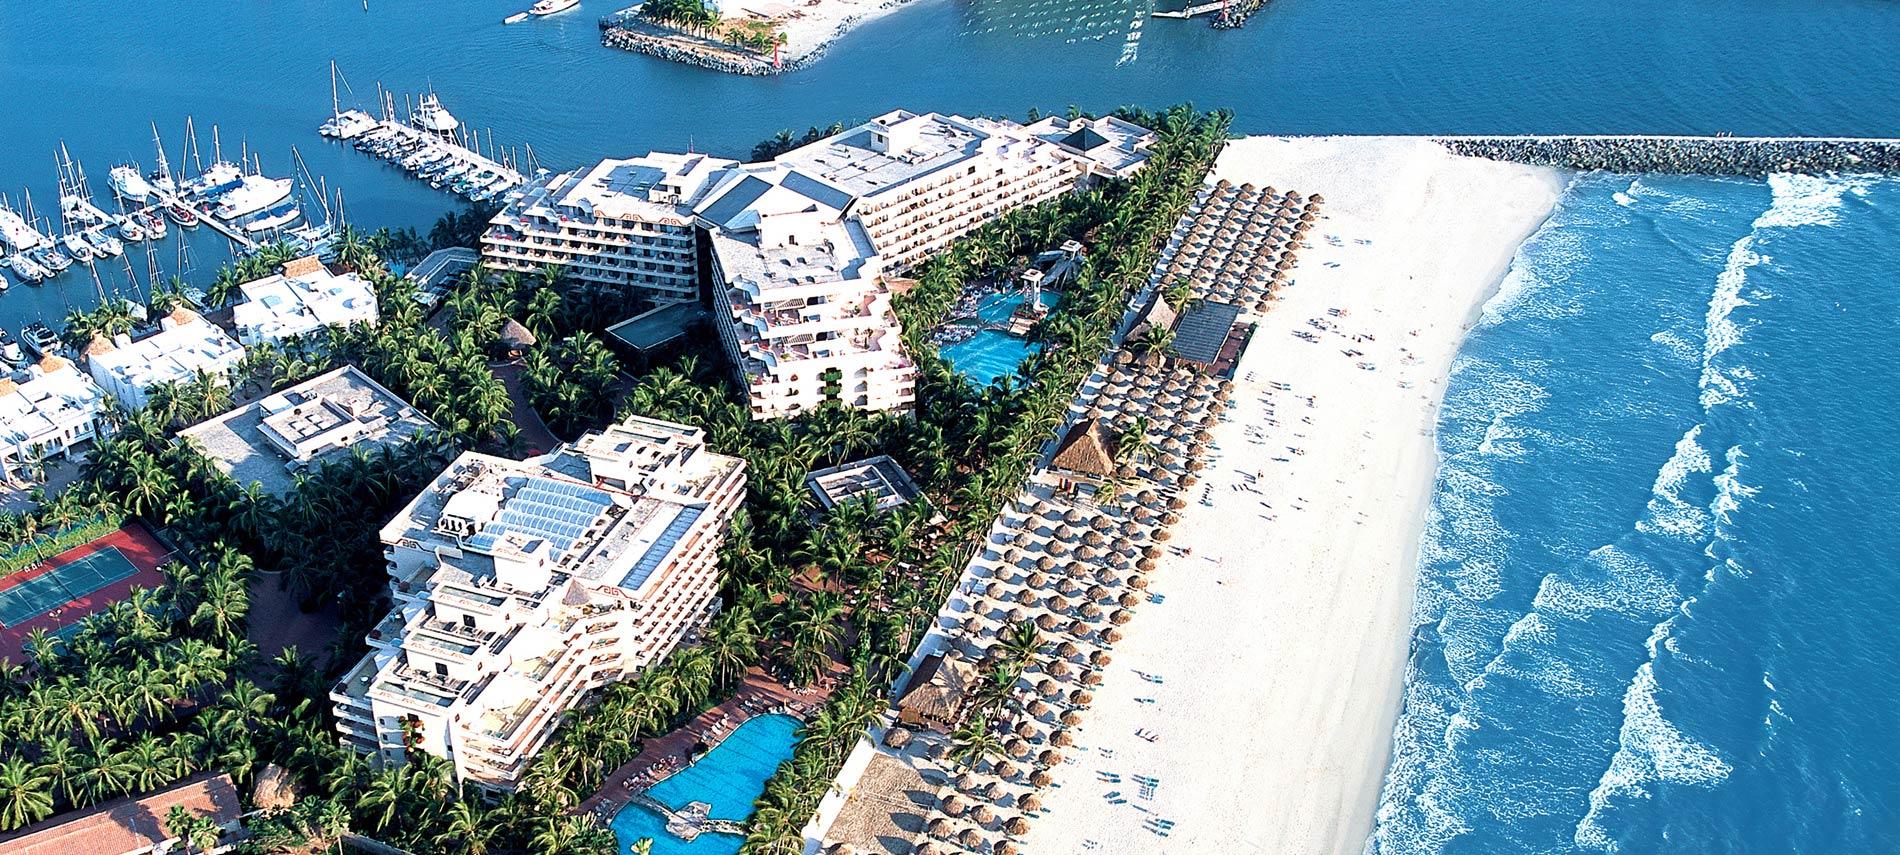 Hotel Todo Incluido En Riviera Nayarit